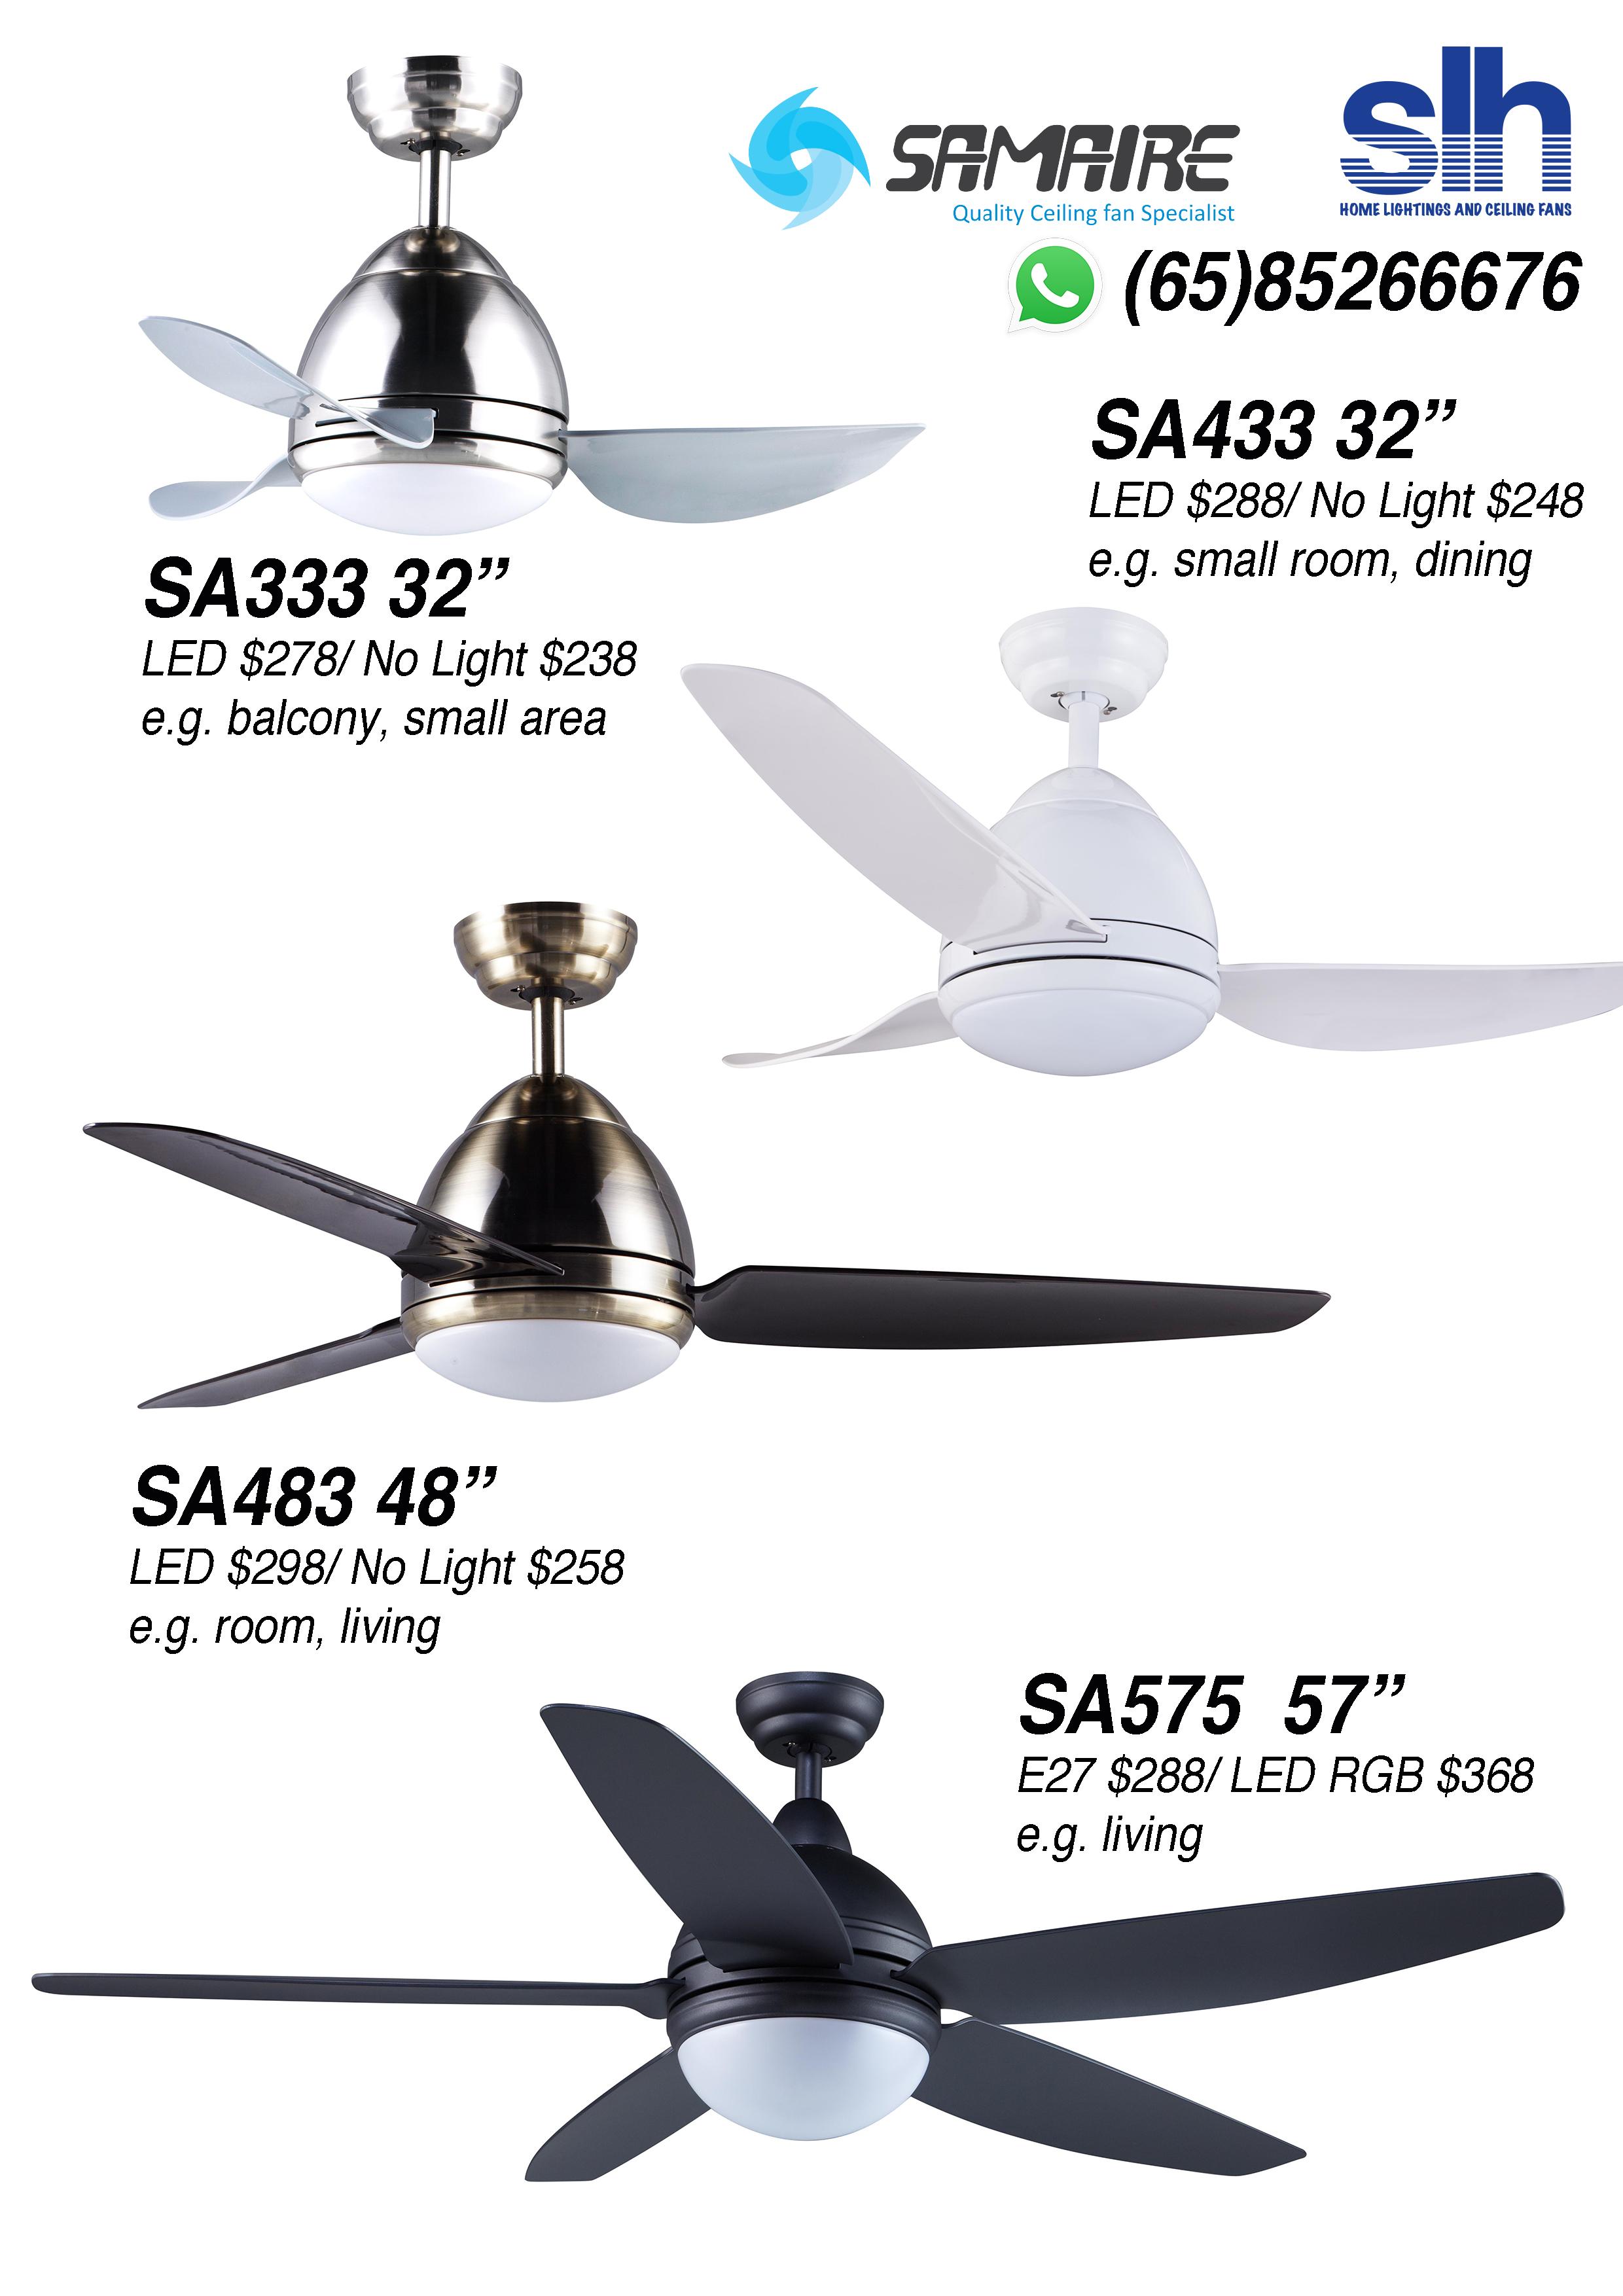 samaire-ceiling-fan.jpg